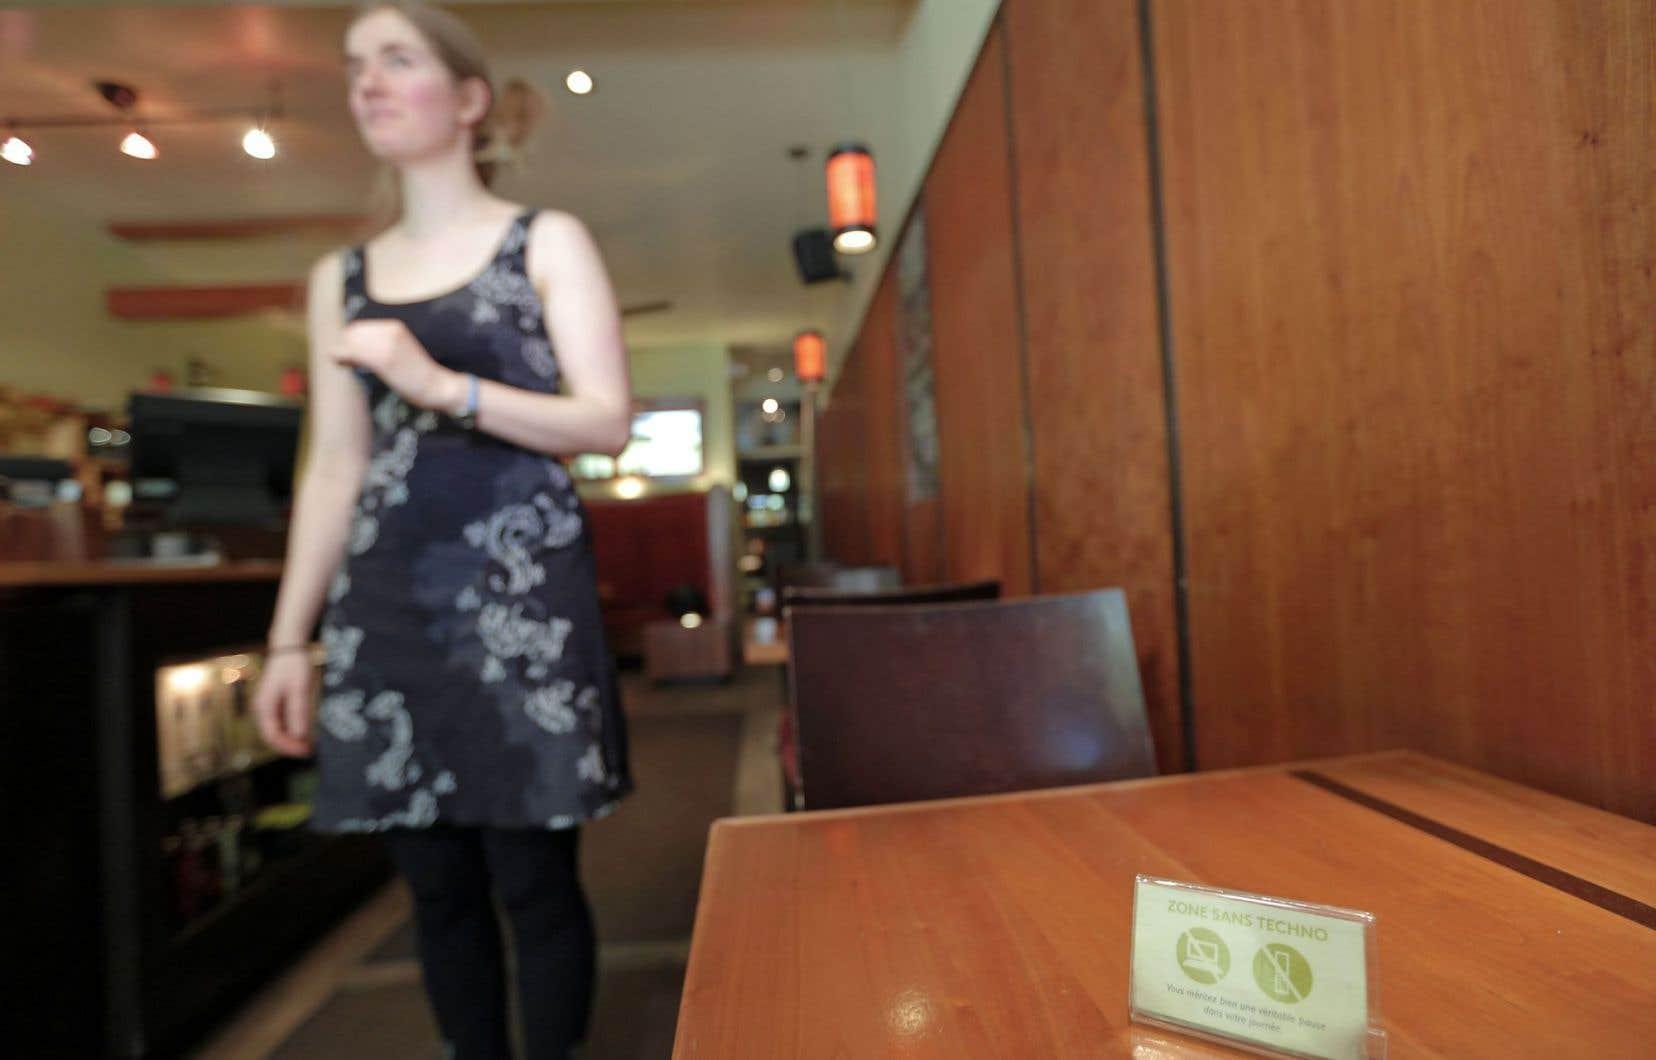 Chez Camellia Sinensis, on a bloqué le réseau sans fil il y a de cela cinq ans afin que les clients puissent savourer pleinement l'expérience d'une dégustation de thé dans un lieu calme.